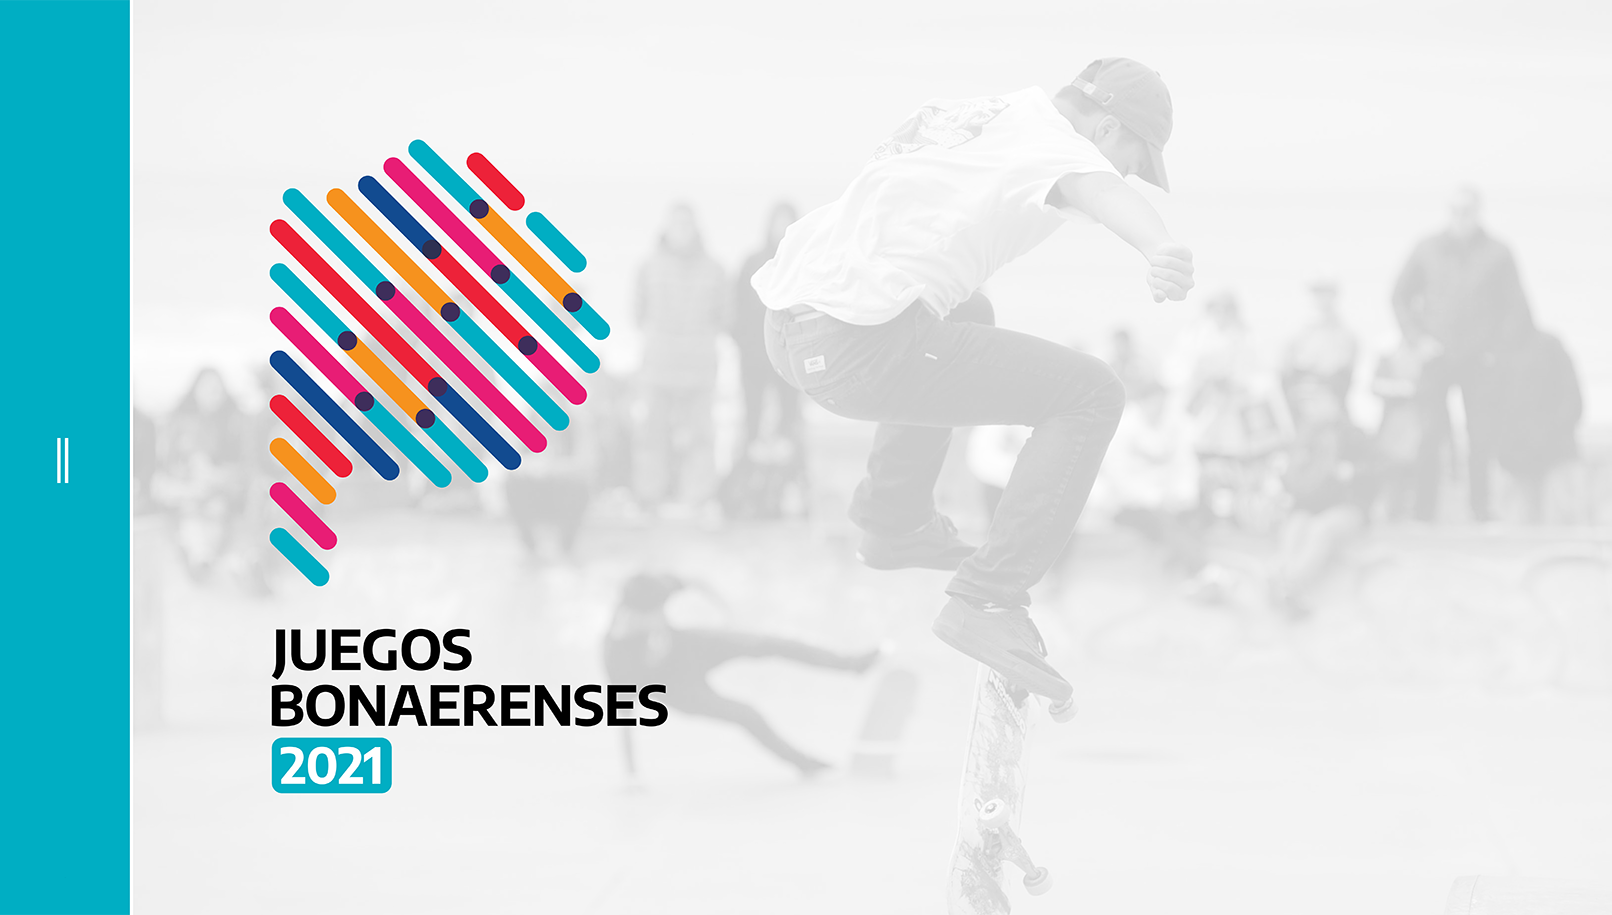 Se encuentra abierta la inscripción para los Juegos Bonaerenses 2021